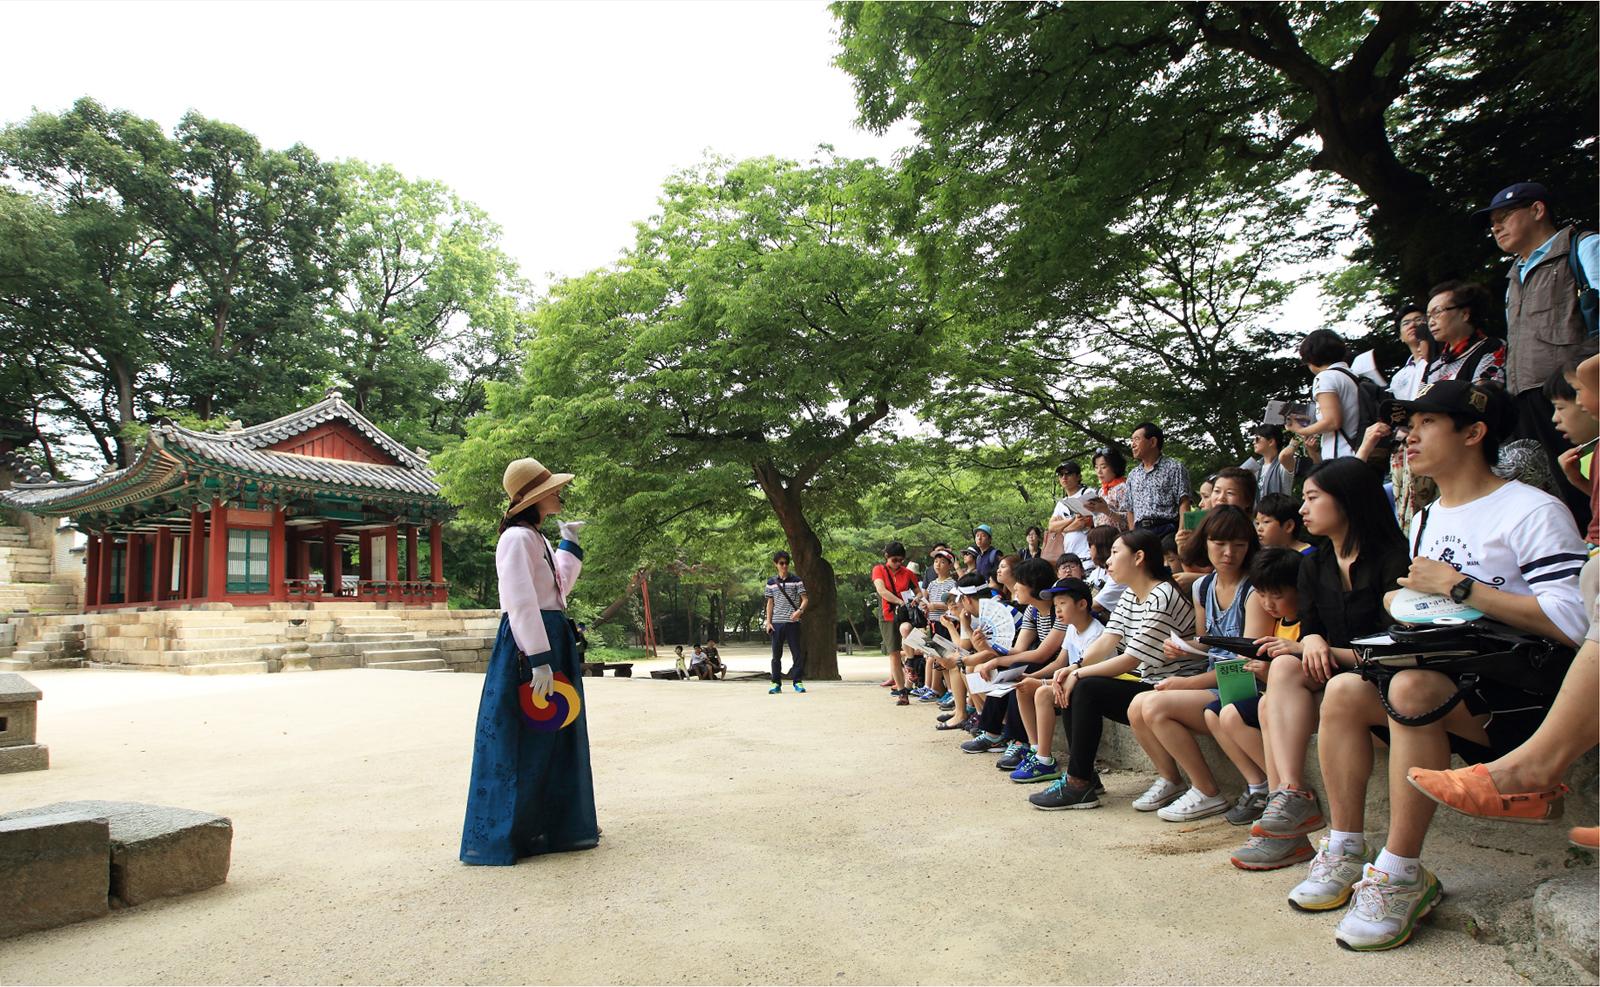 Khám phá khu vườn Biwon, thuộc cung Changdeokgung ở Hàn Quốc